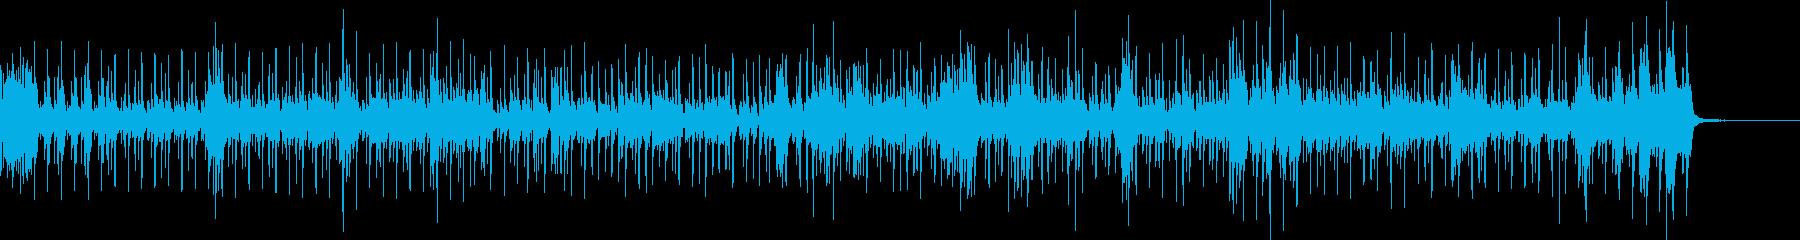 切迫感を伝える音ですべてのドラムキ...の再生済みの波形